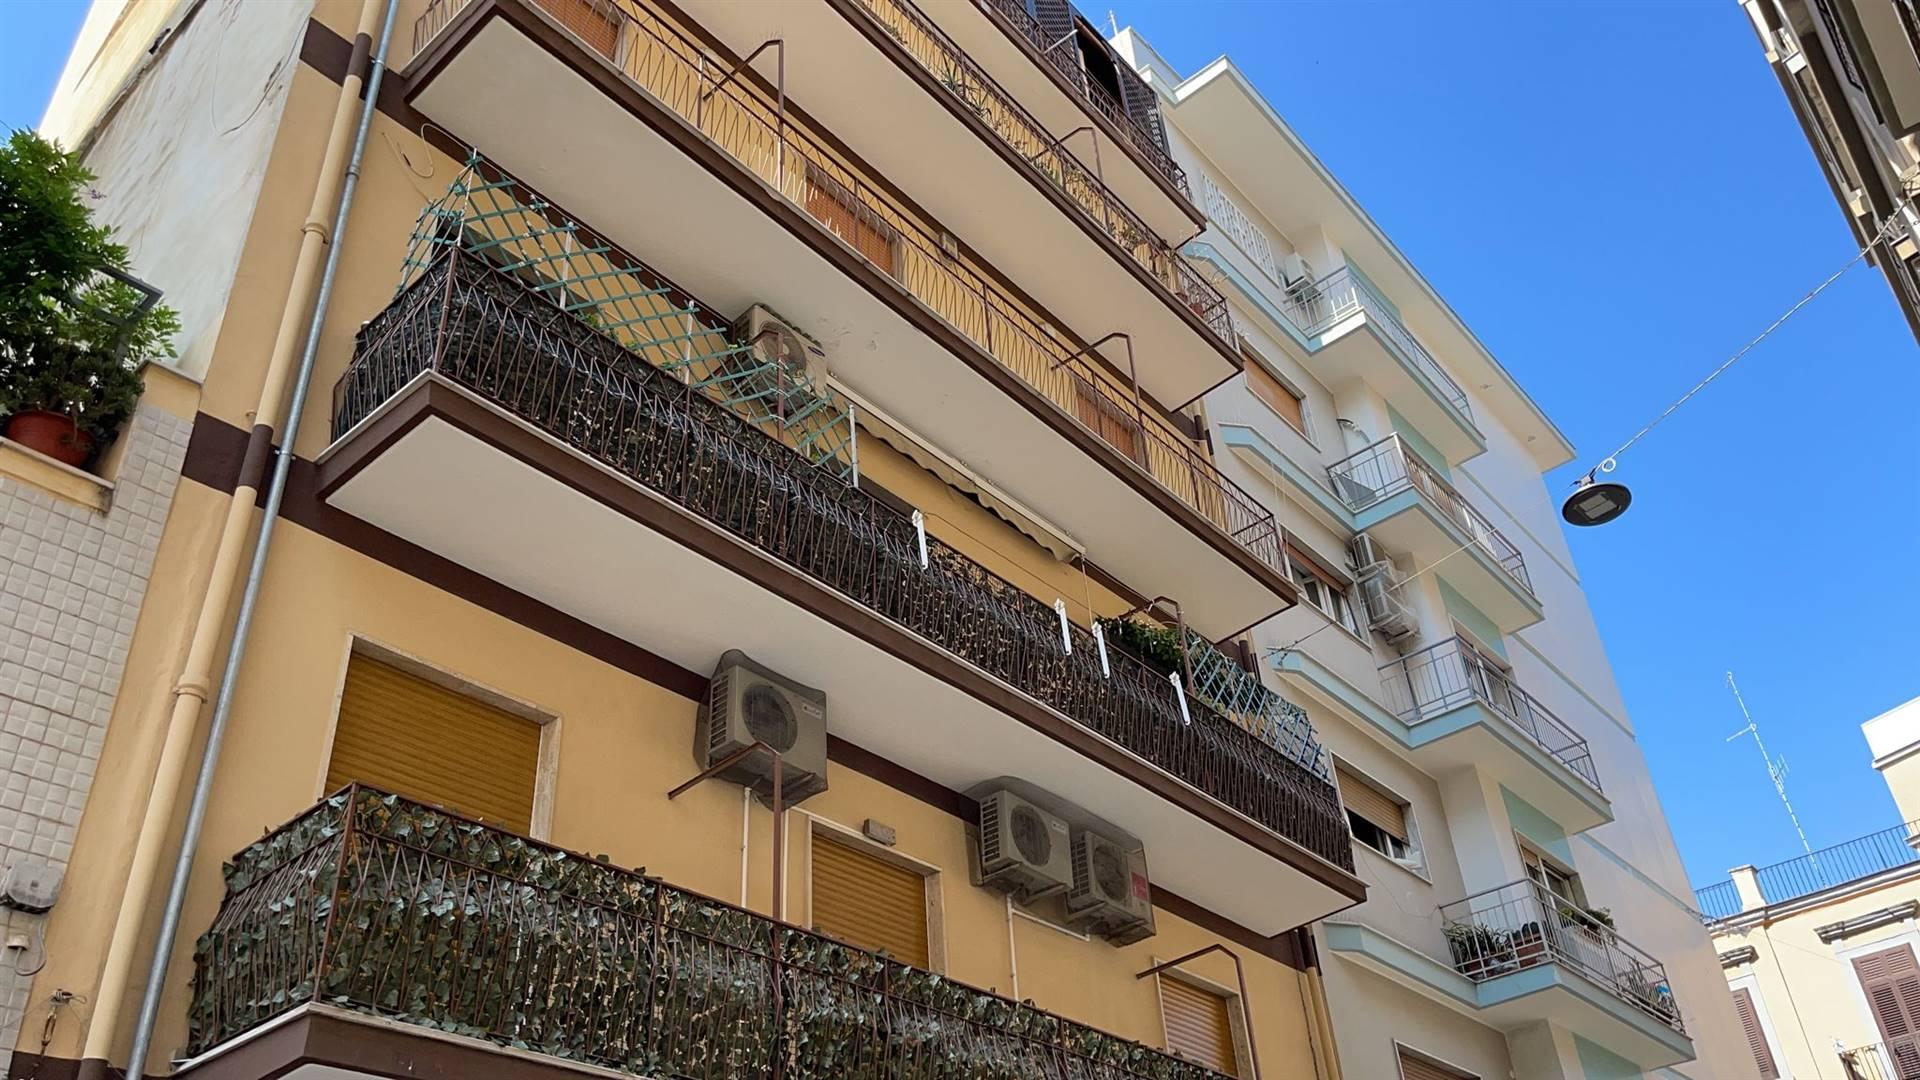 Appartamento a BARI